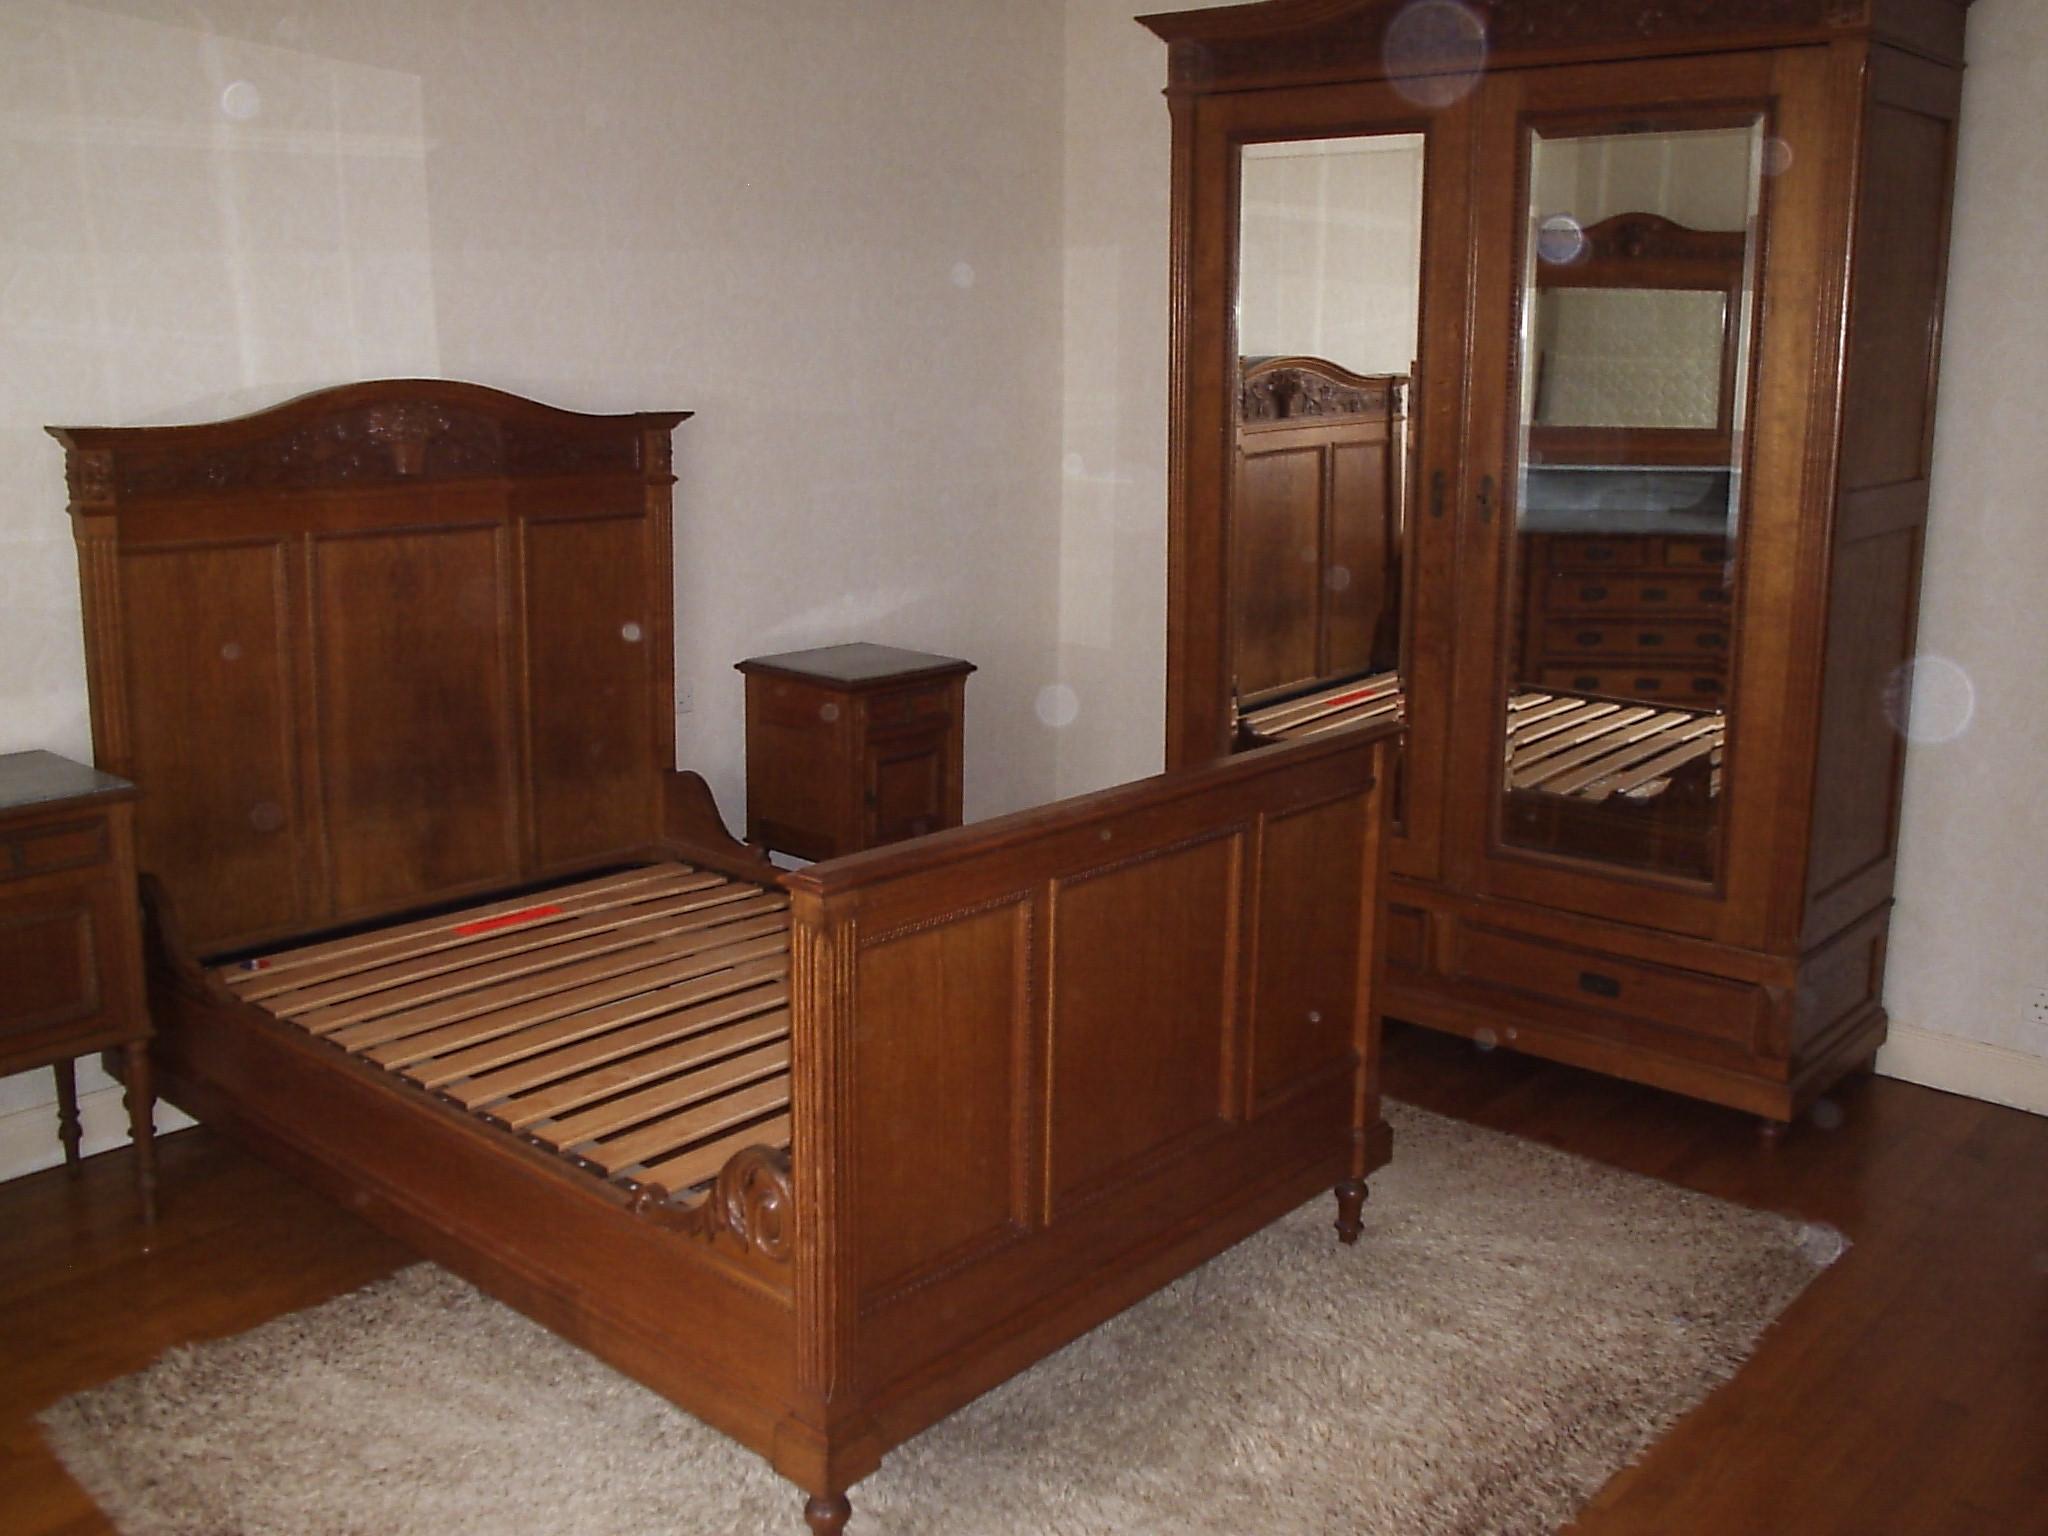 bazar chambre diy tagre pour chambre duenfant et coffre jouets le petit bazar de luinutile u. Black Bedroom Furniture Sets. Home Design Ideas